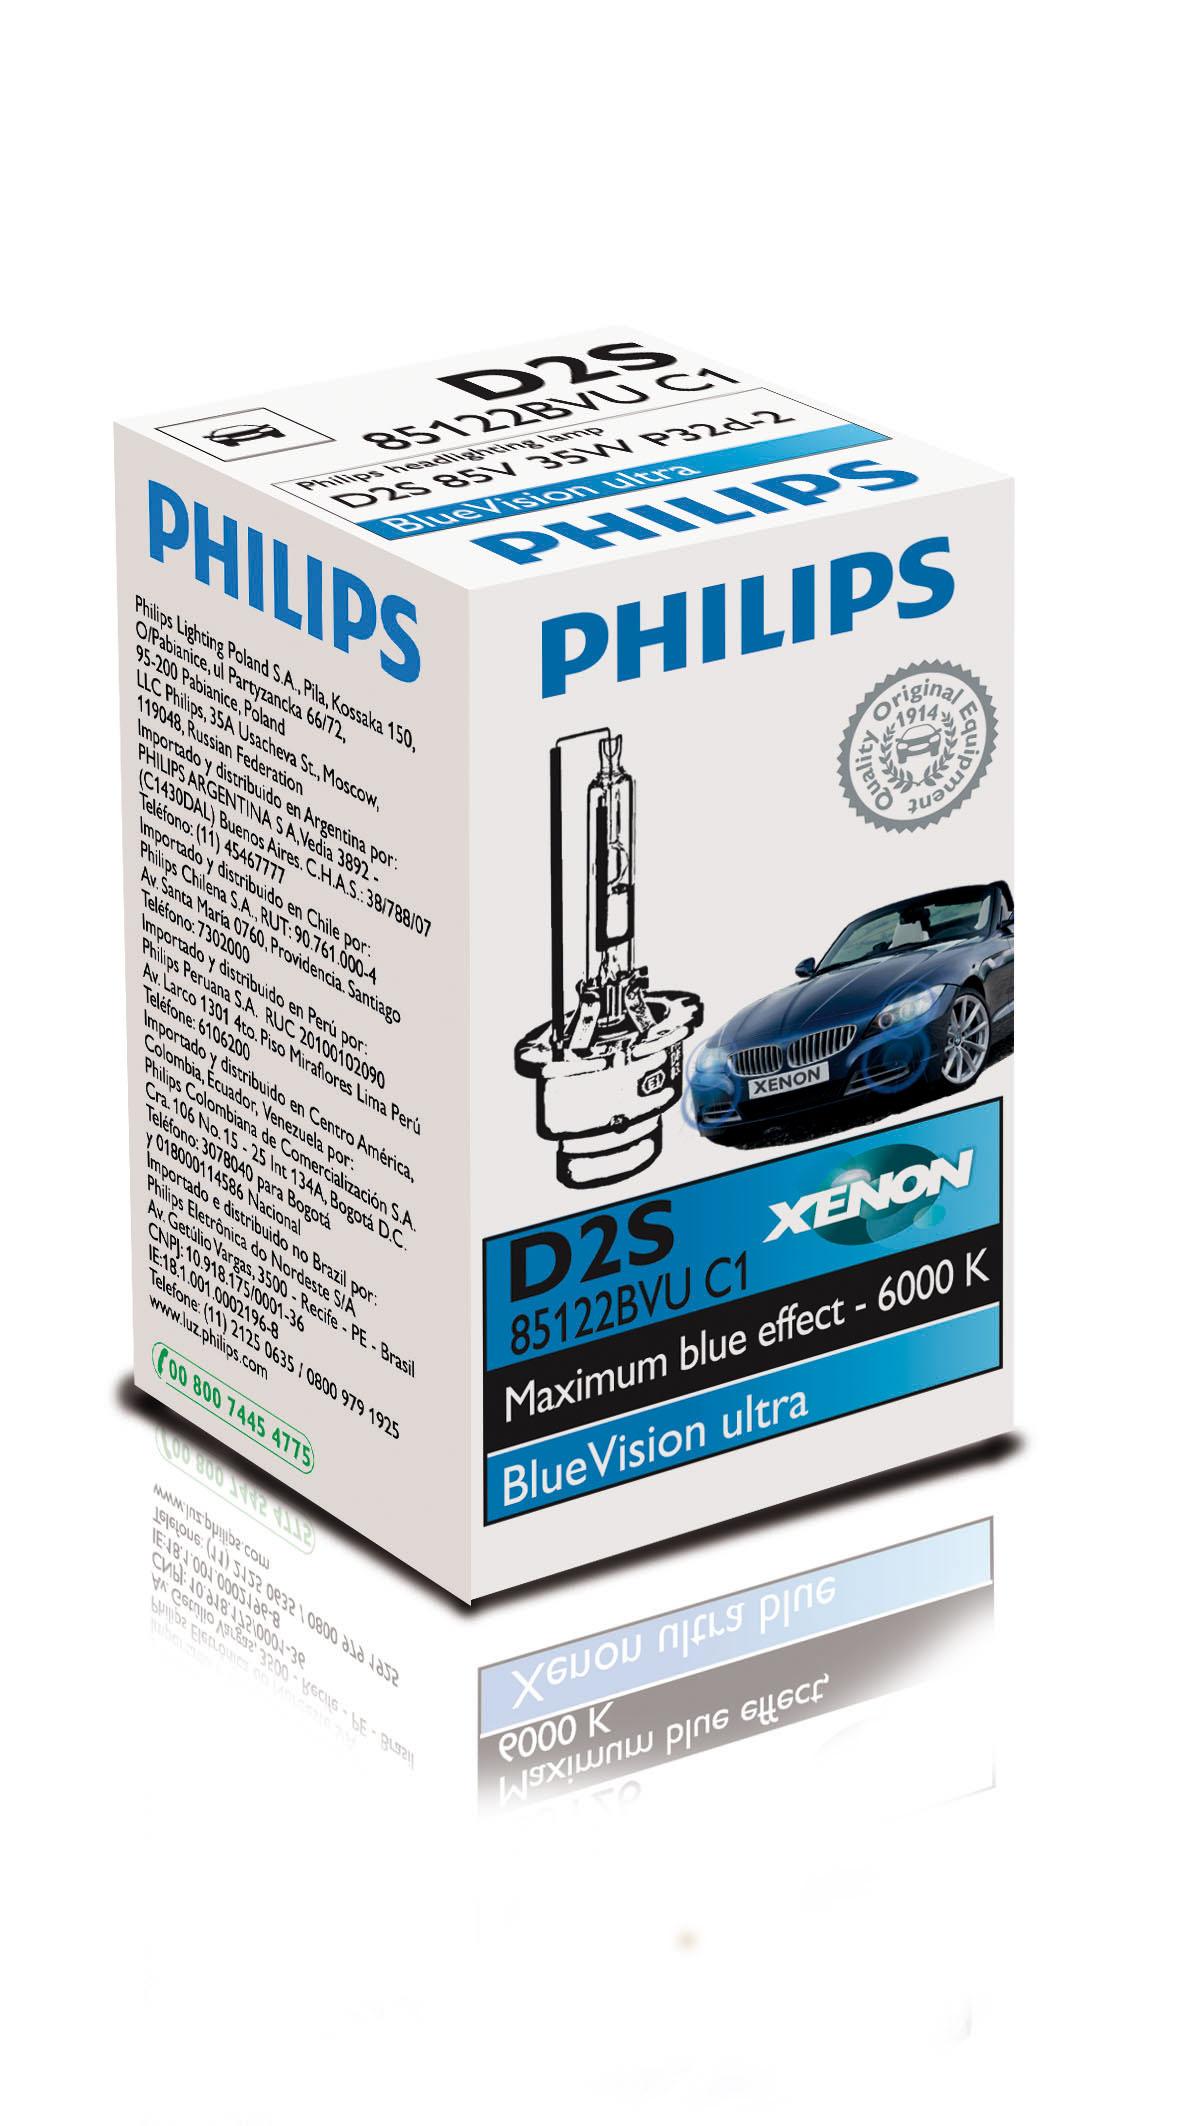 BEC AUTO PHILIPS XENON 85122BVUC1 D2S 85V 35W